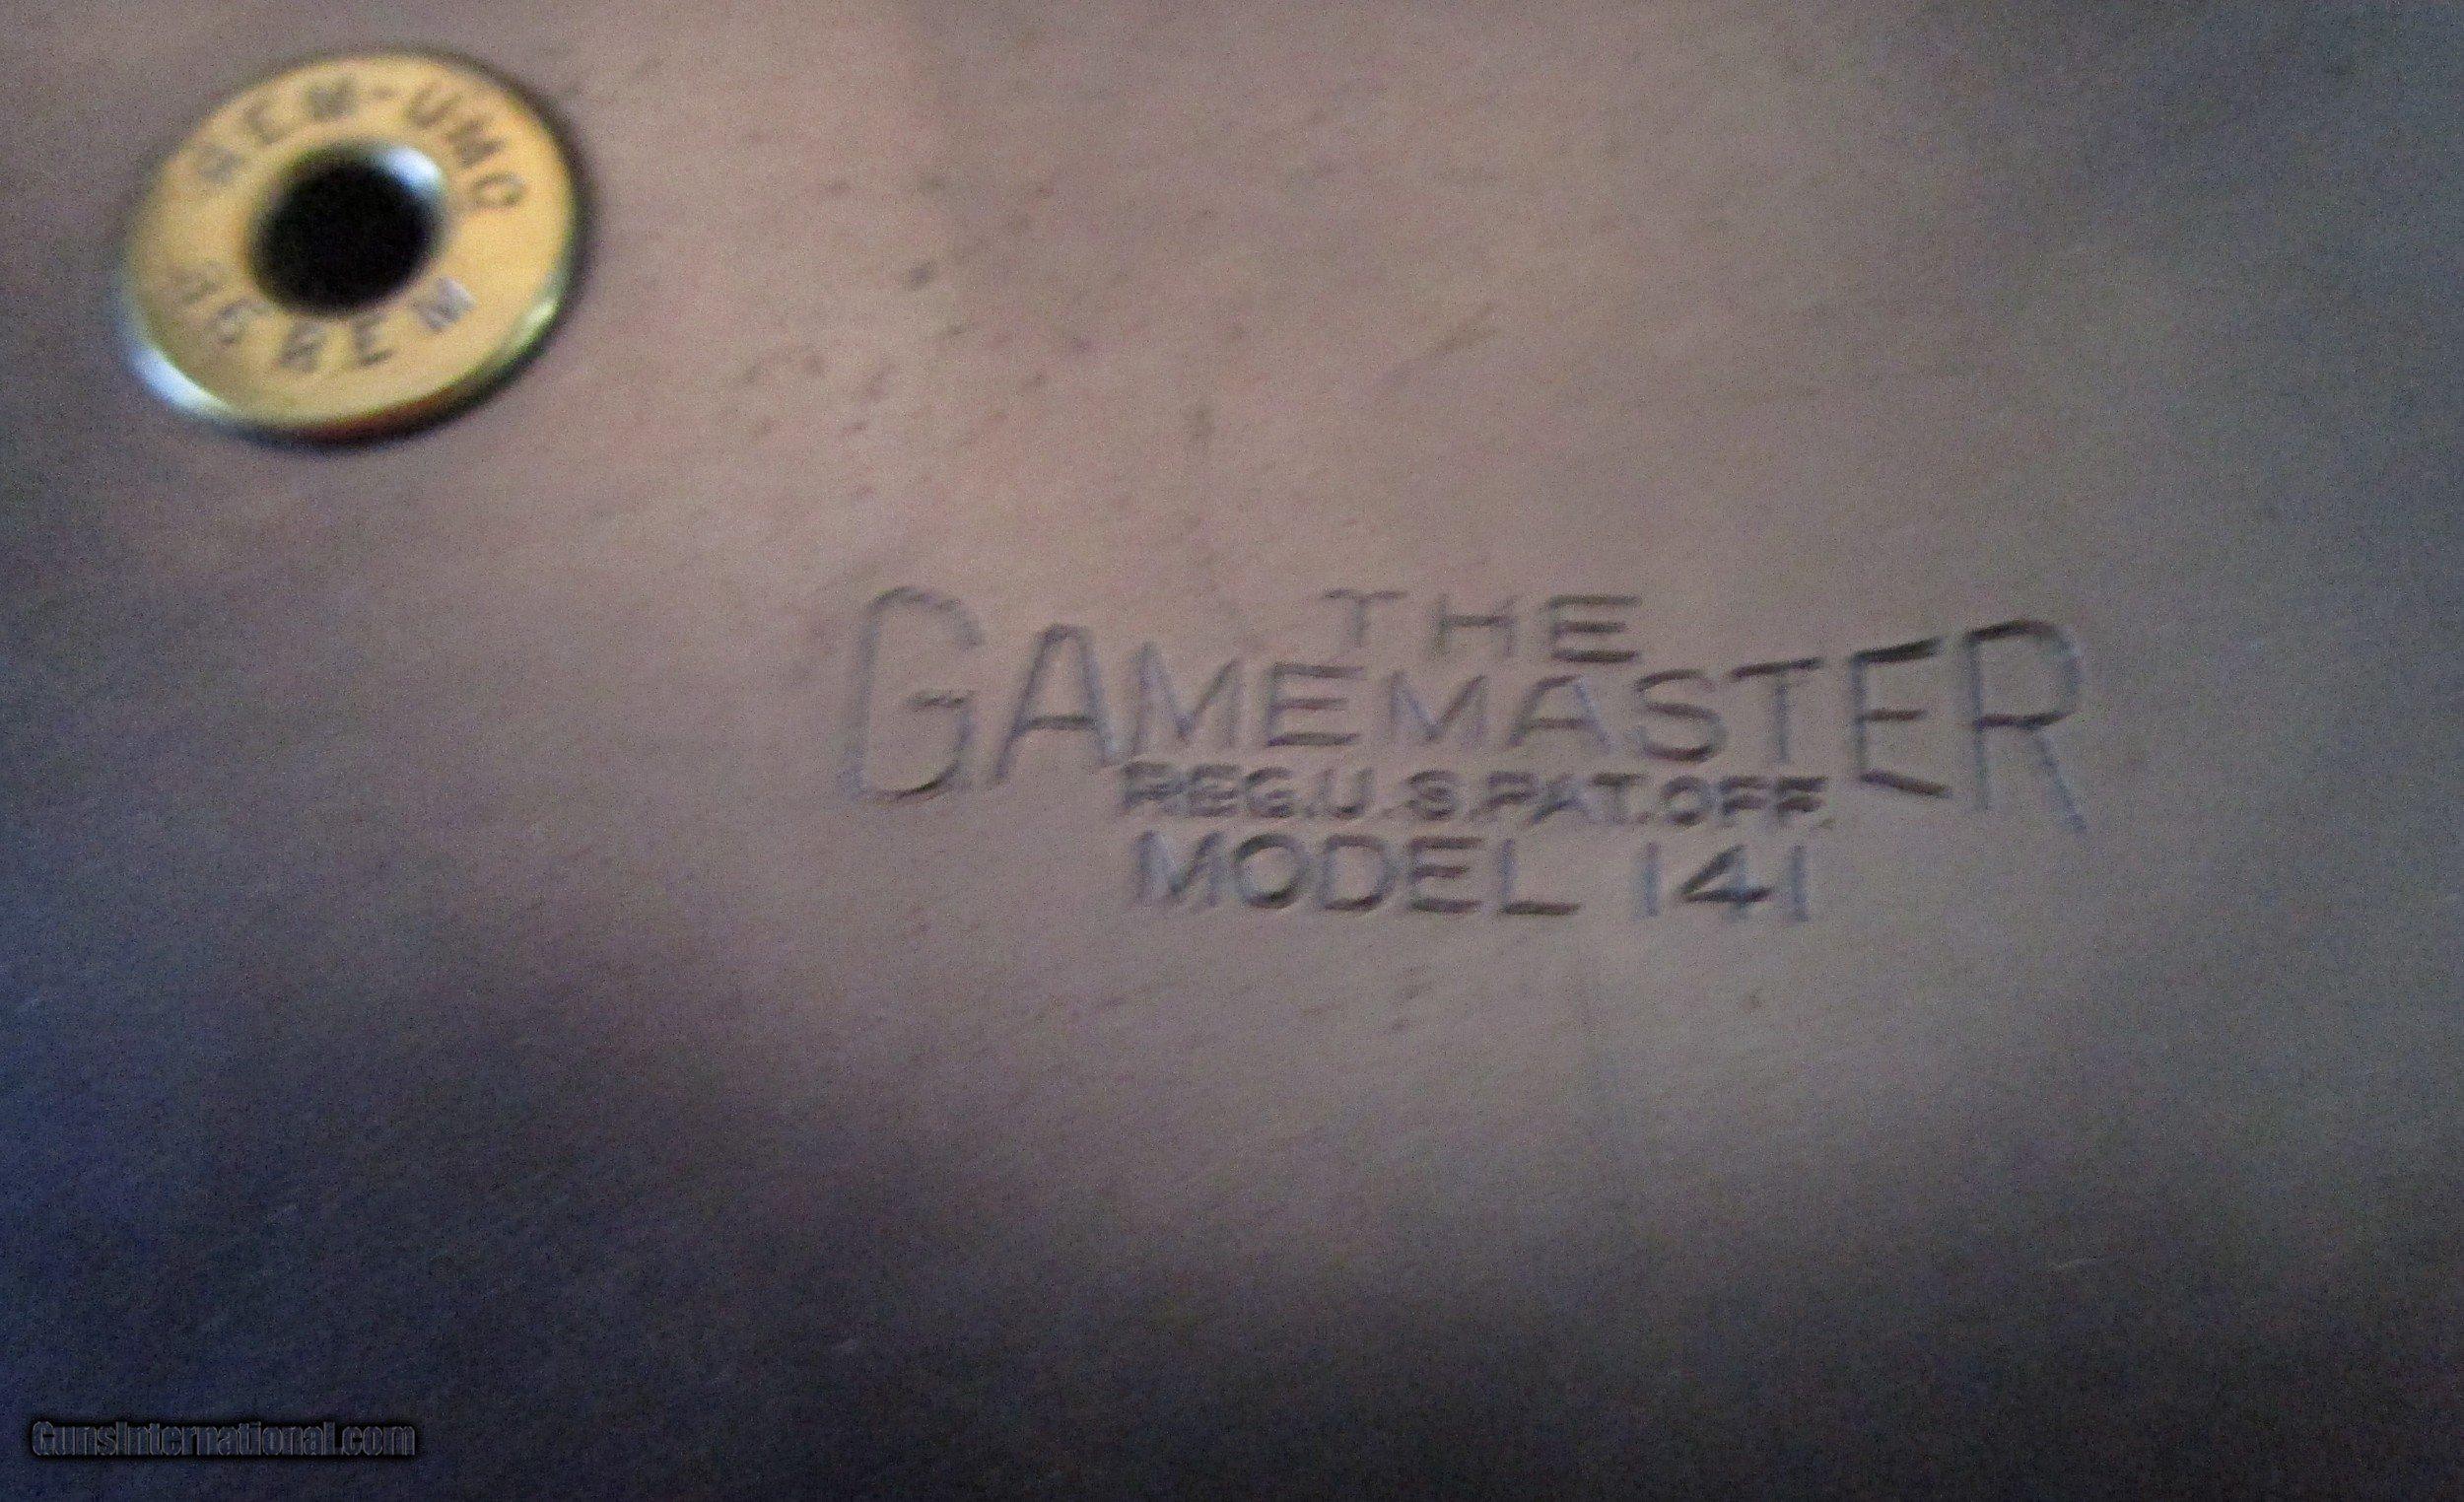 Remington Model 141 Gamemaster for sale